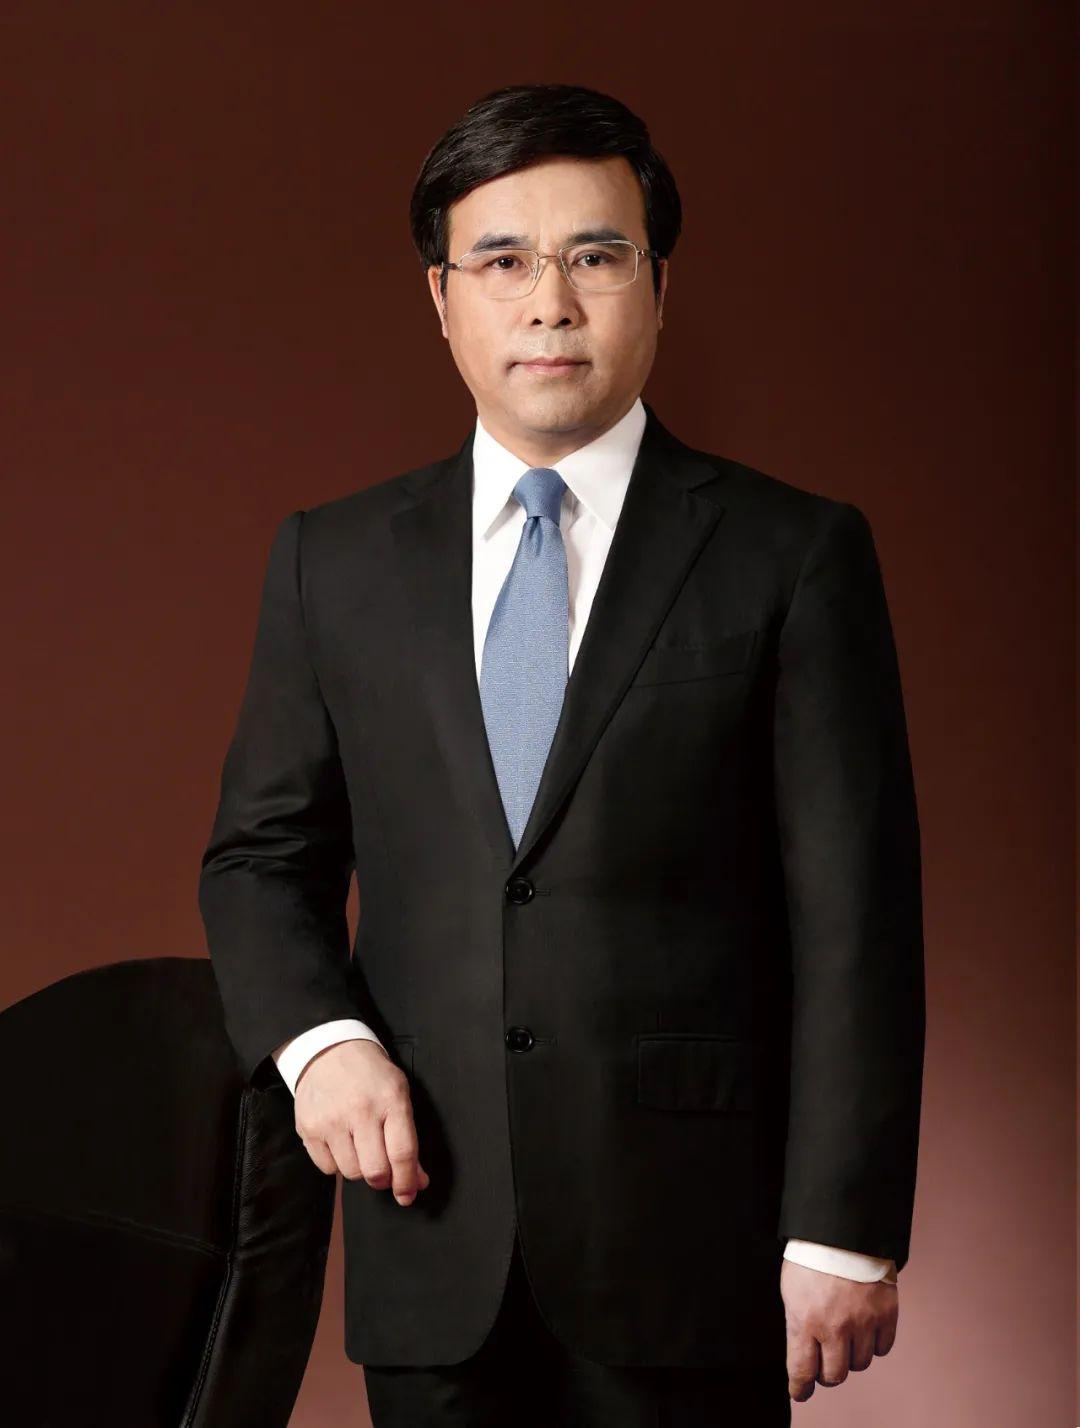 《中国金融》70年70人特别谈|刘连舸谈中国银行业70年巨变